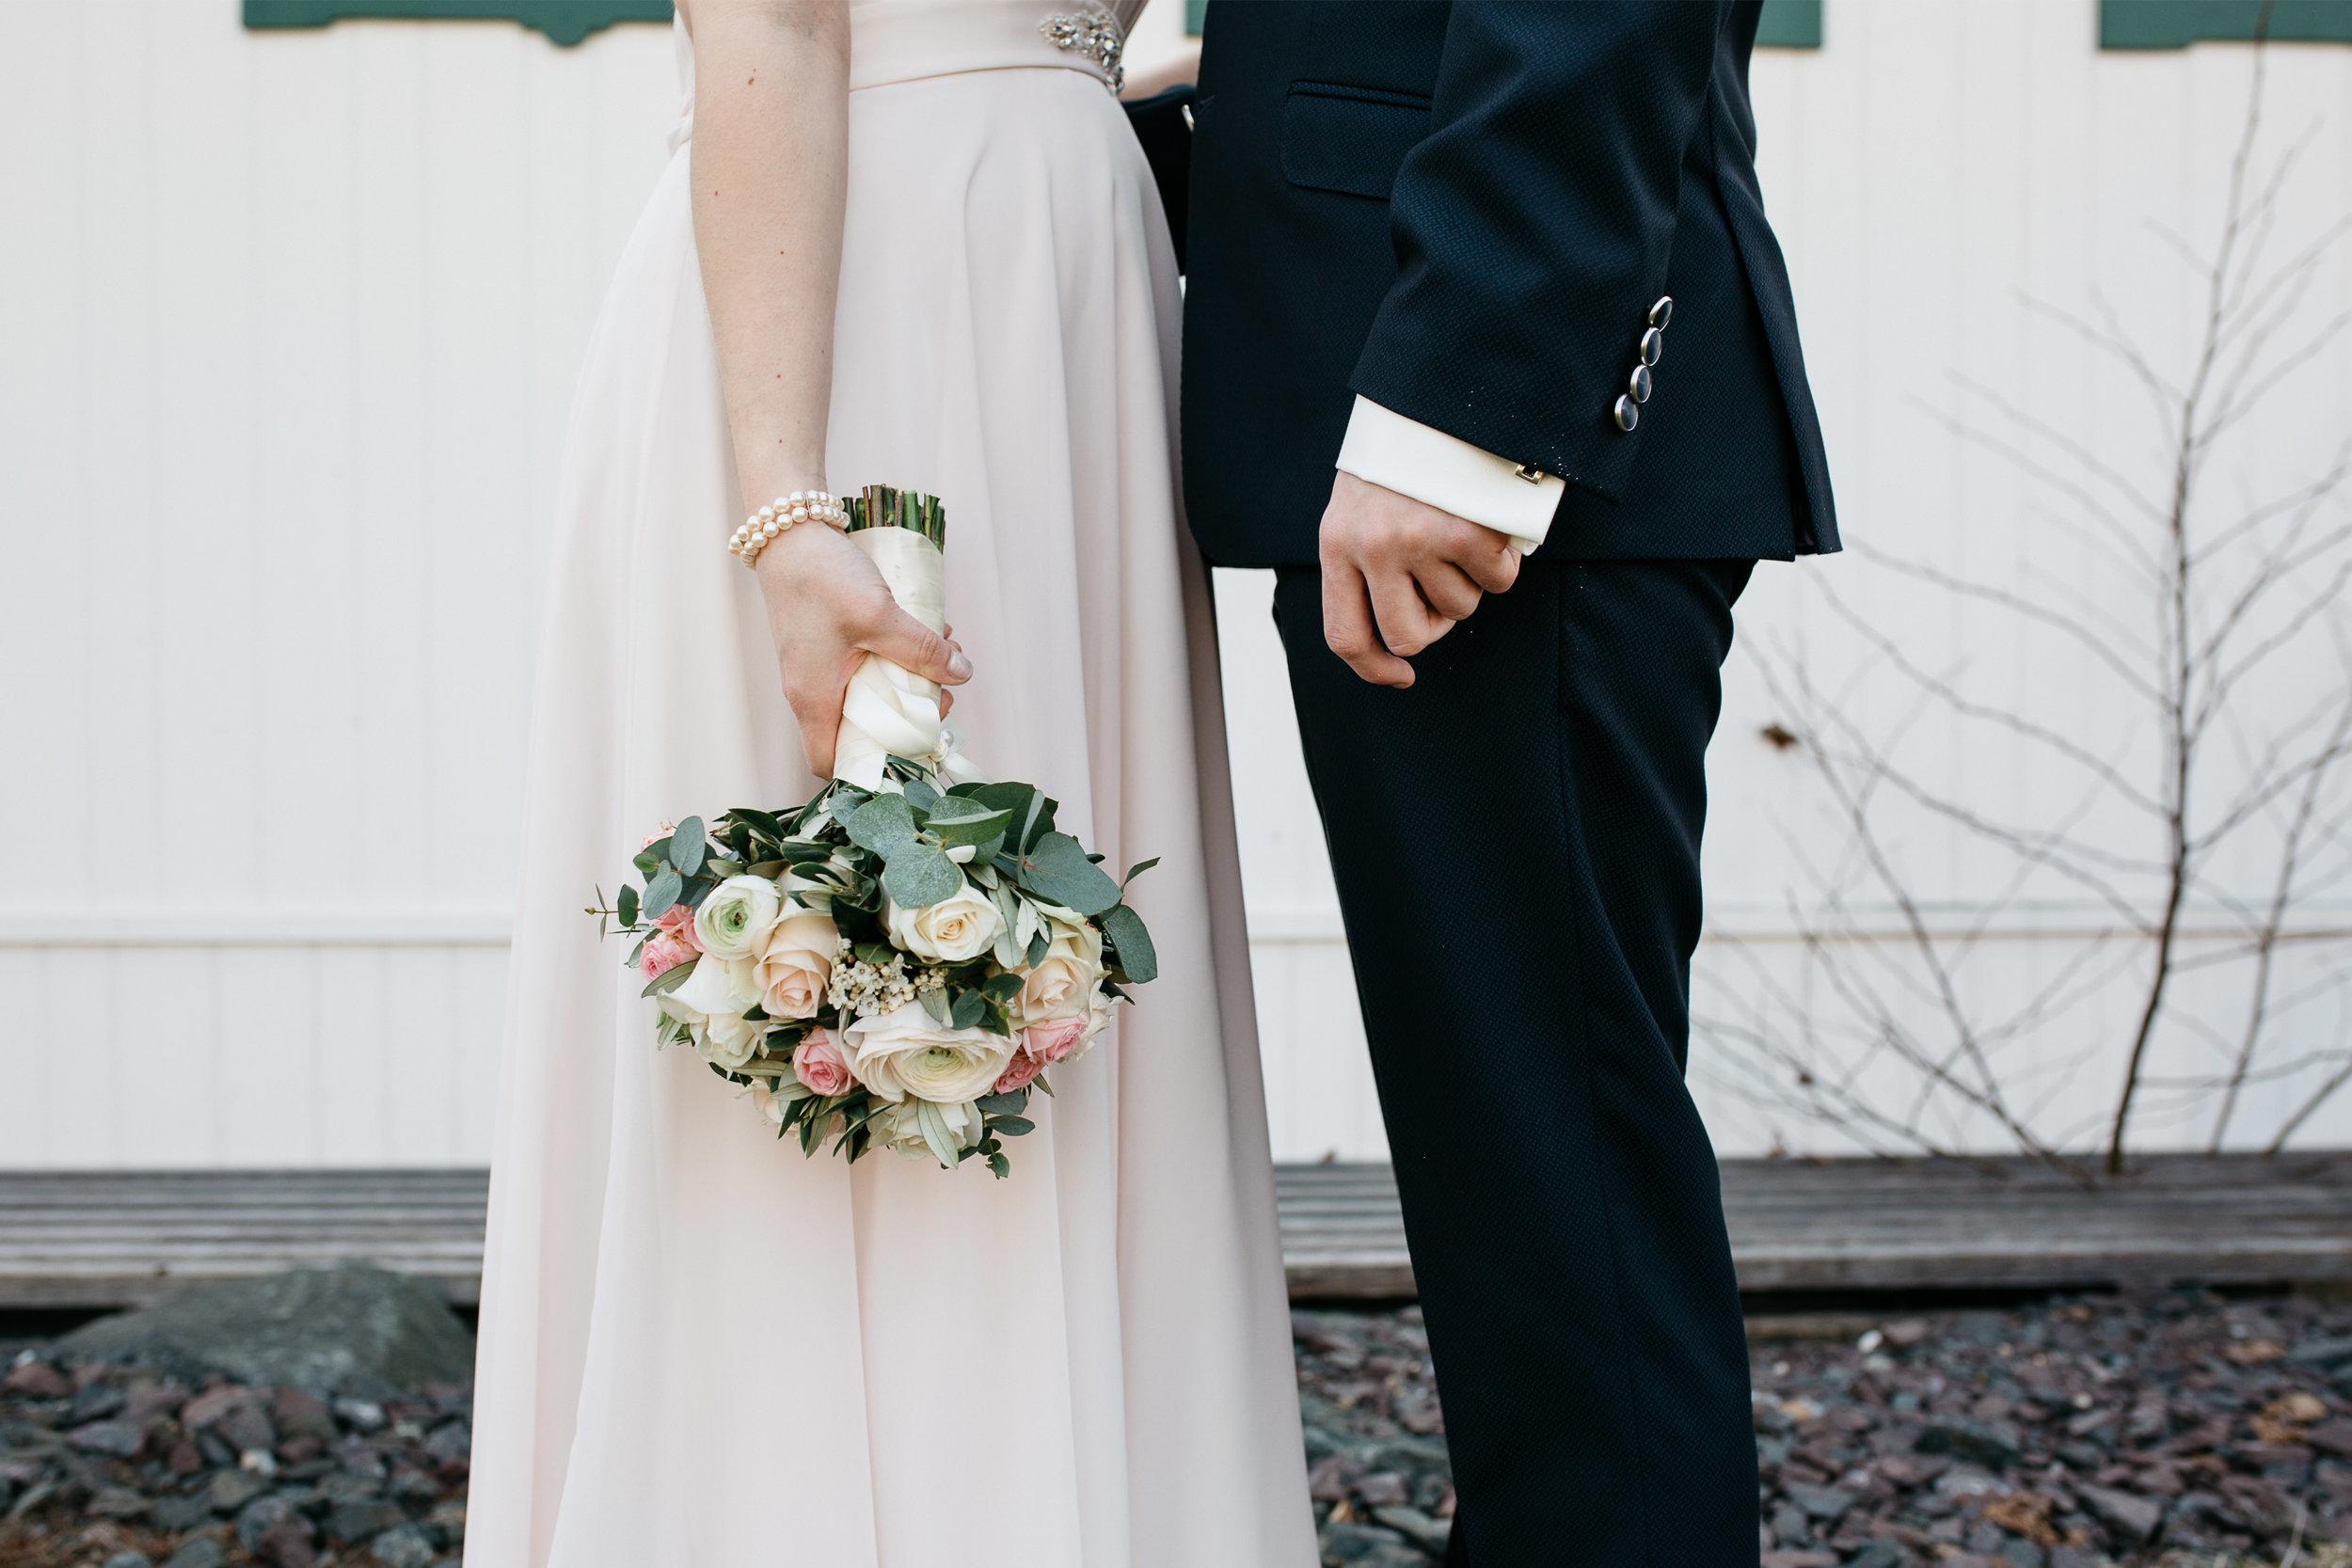 spring_lake_wedding_in_white_rose-19.jpg